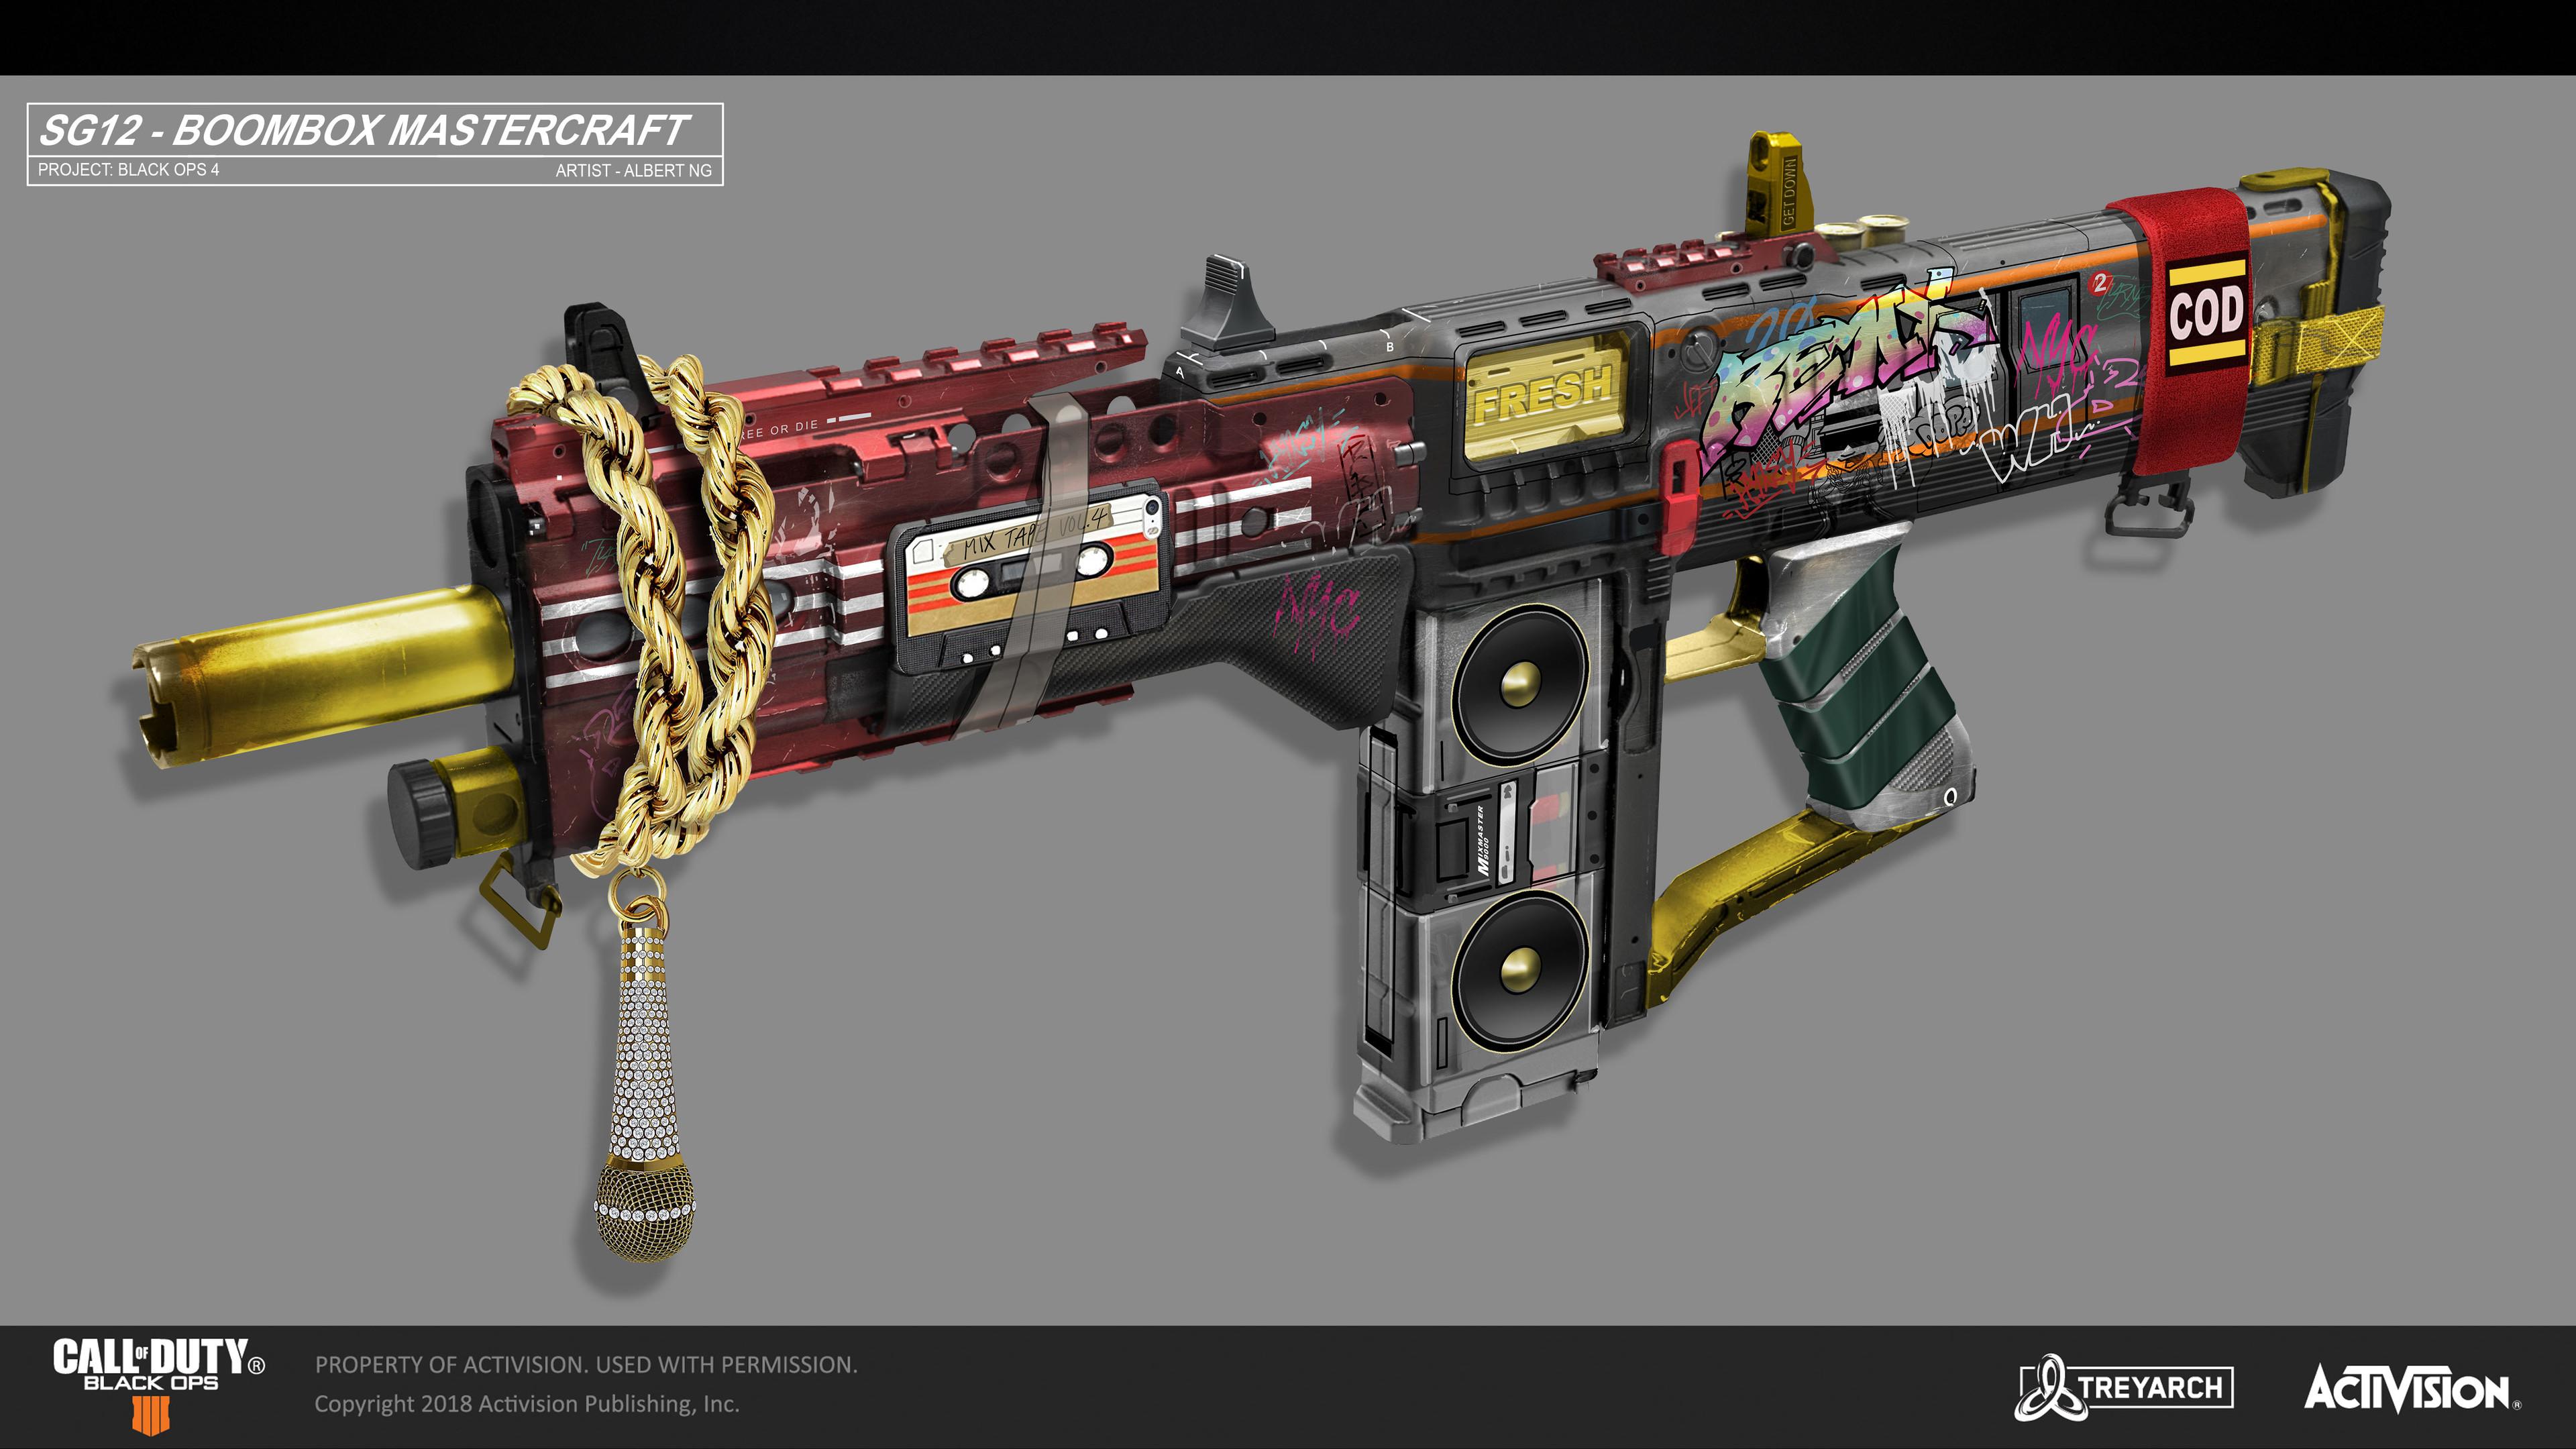 Call of Duty - Black Ops 4 - SG 12 Shotgun Mastercraft - Boombox Concept  Concept Art - Albert Ng